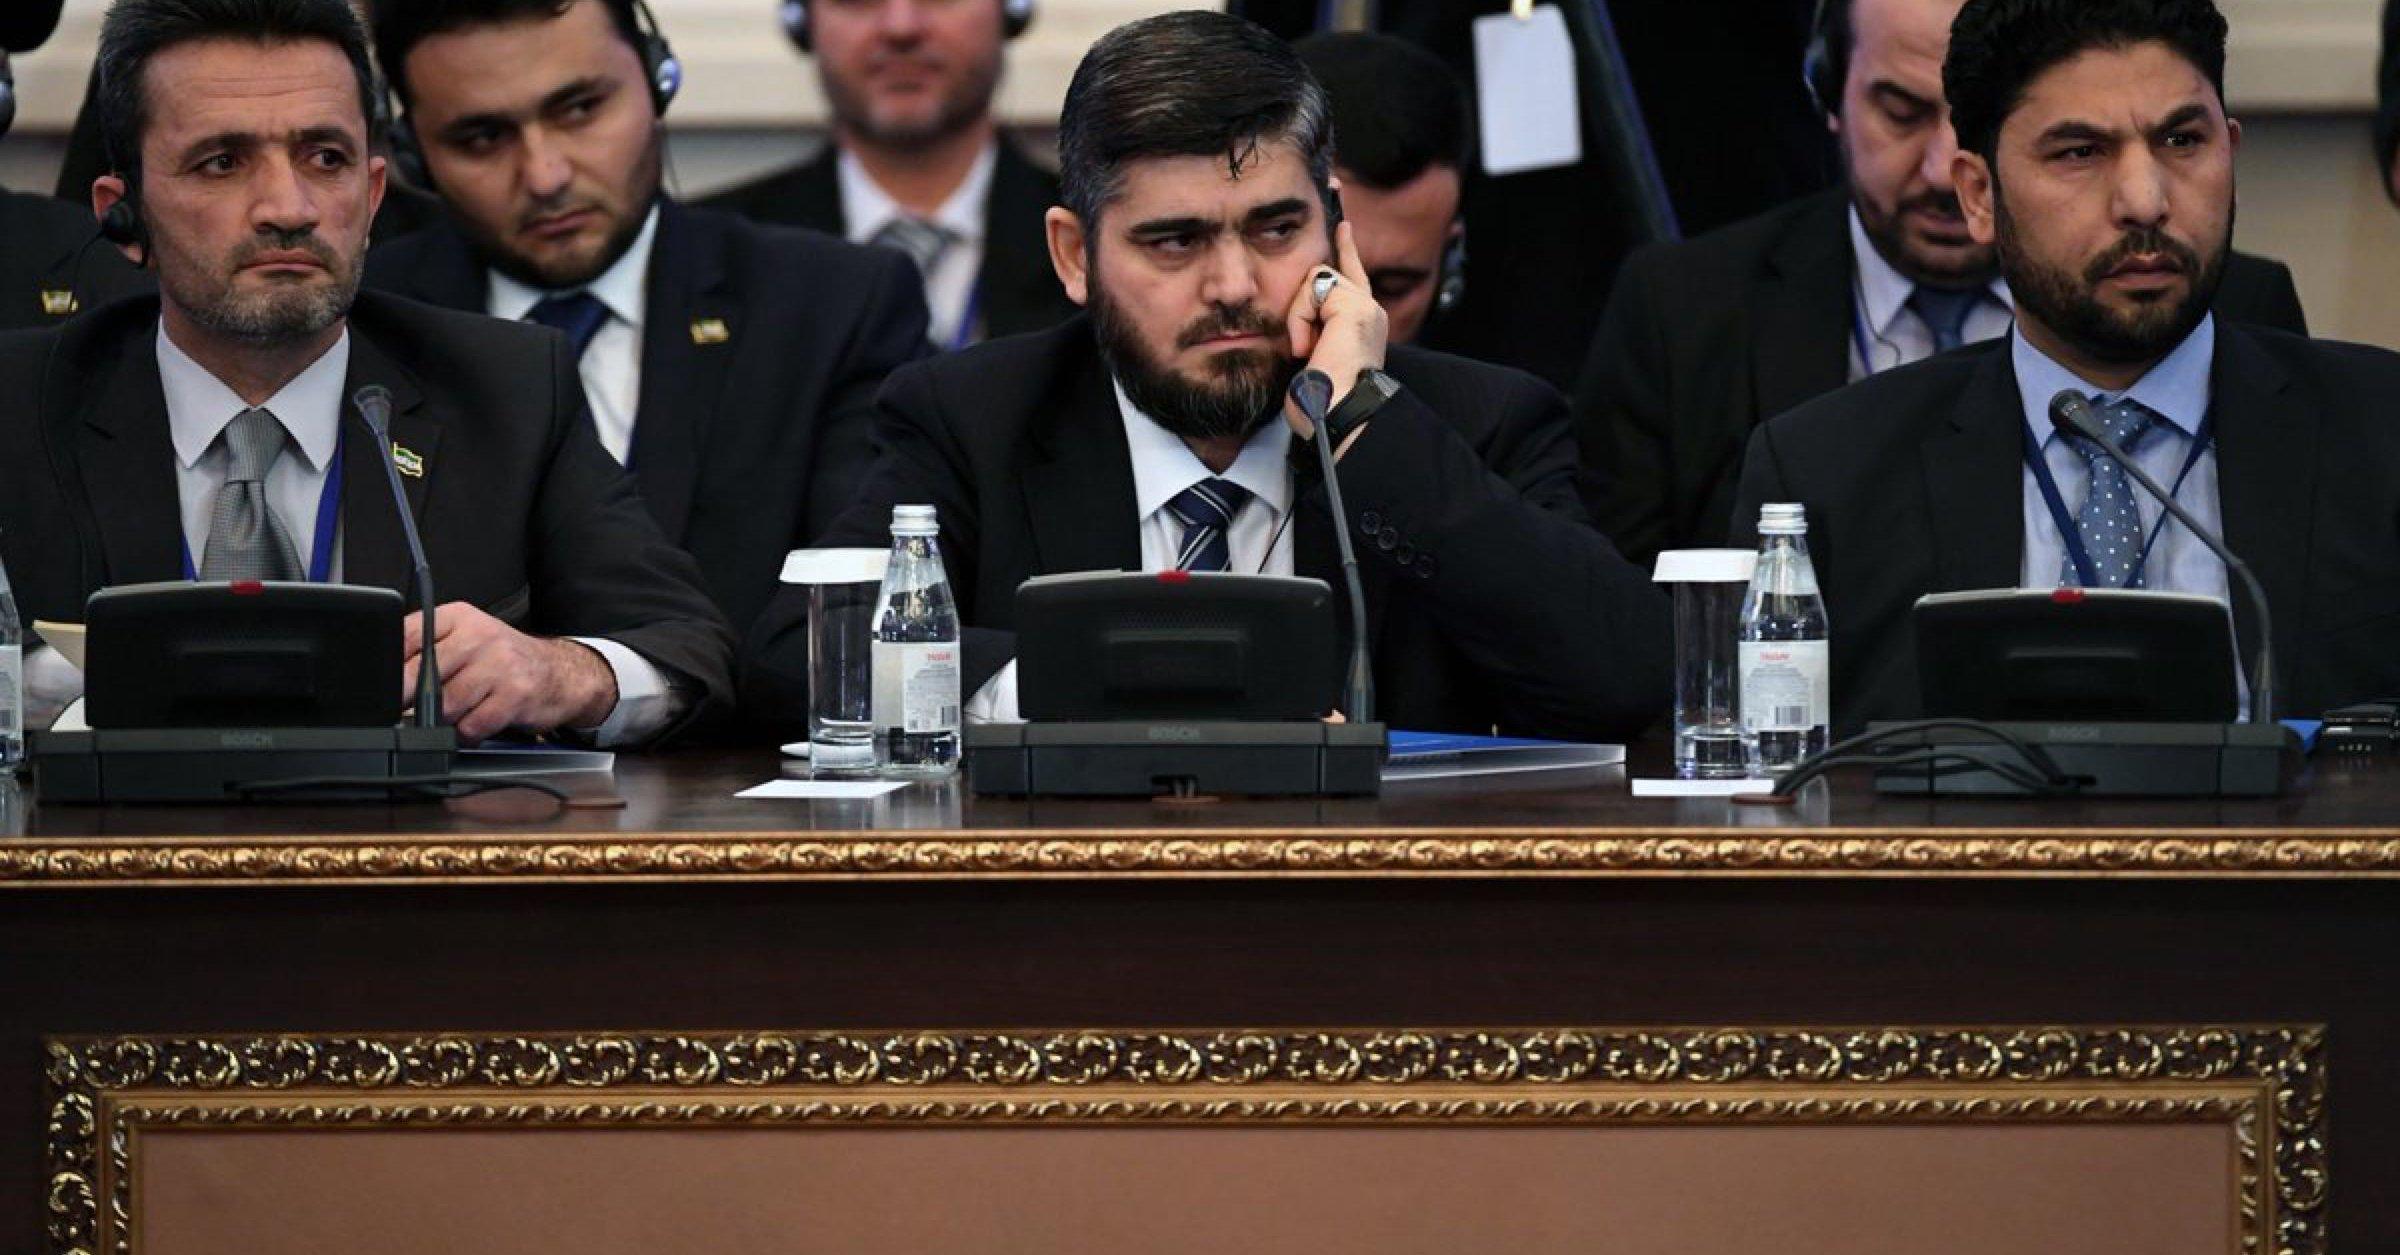 علوش من الأستانة: لم نأتِ إلى المؤتمر من أجل تقاسم السلطة وإنما لإعادة الأمن إلى سوريا